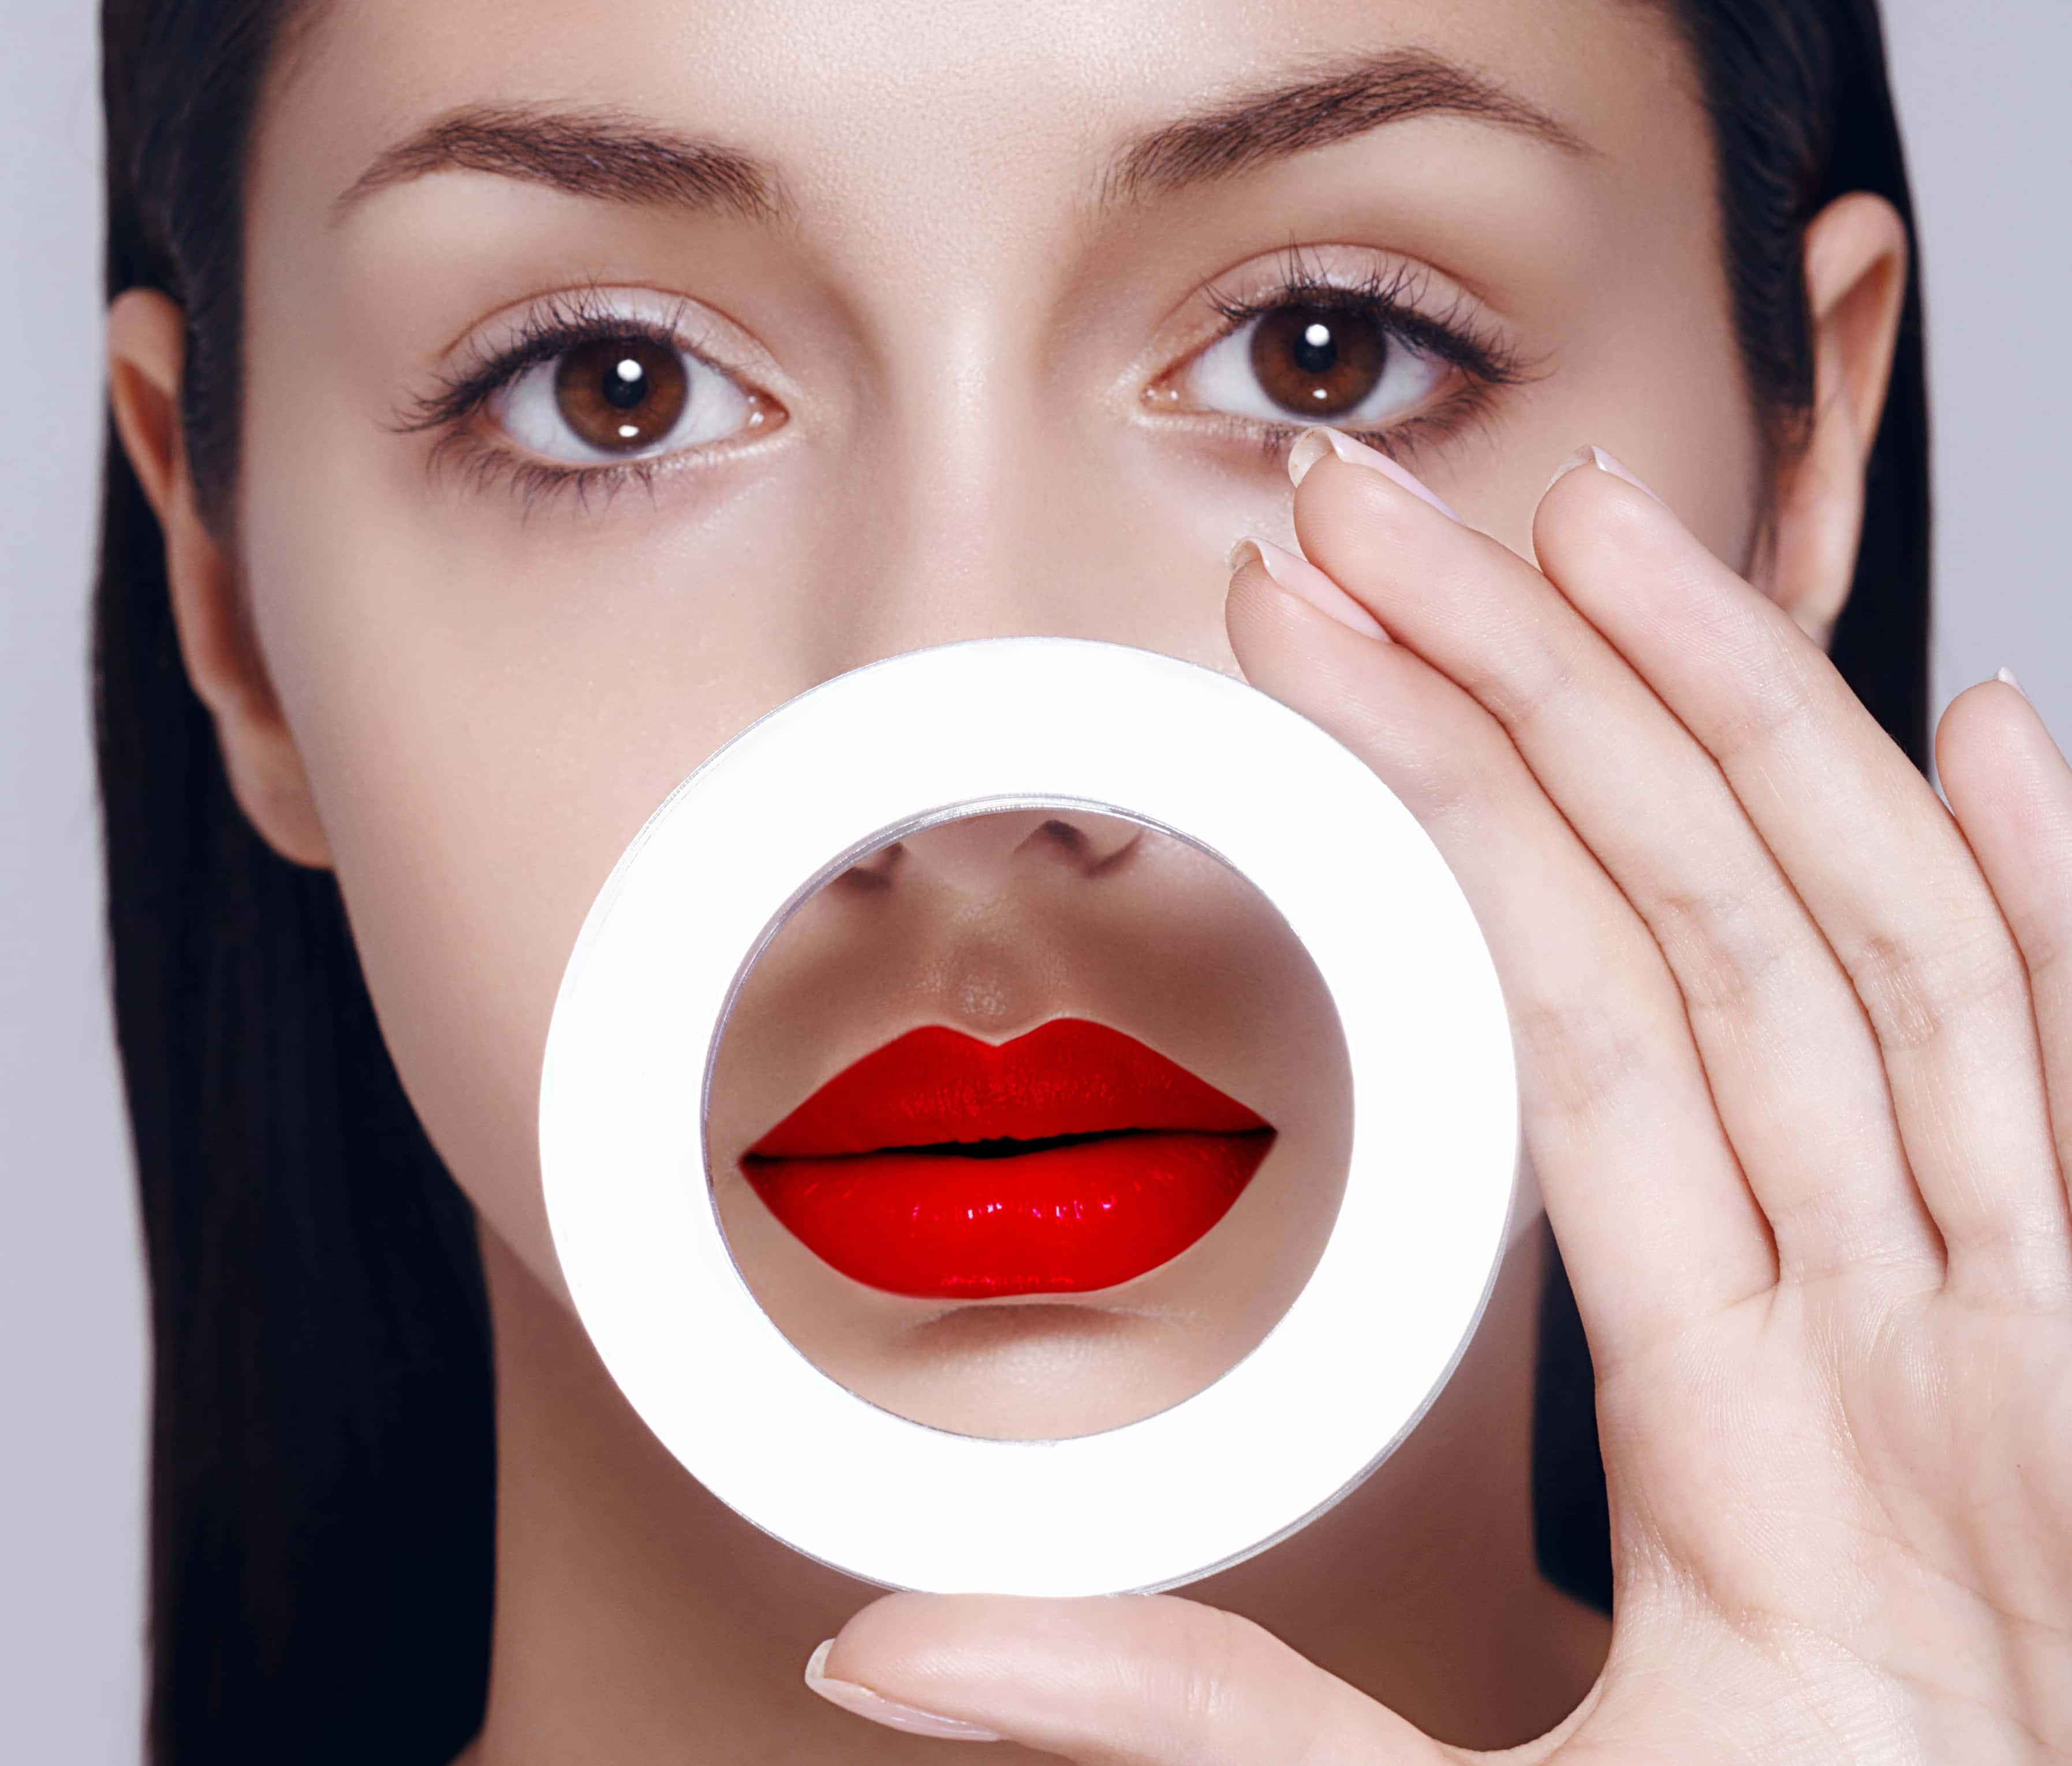 Увеличить губы в Одессе по доступной цене